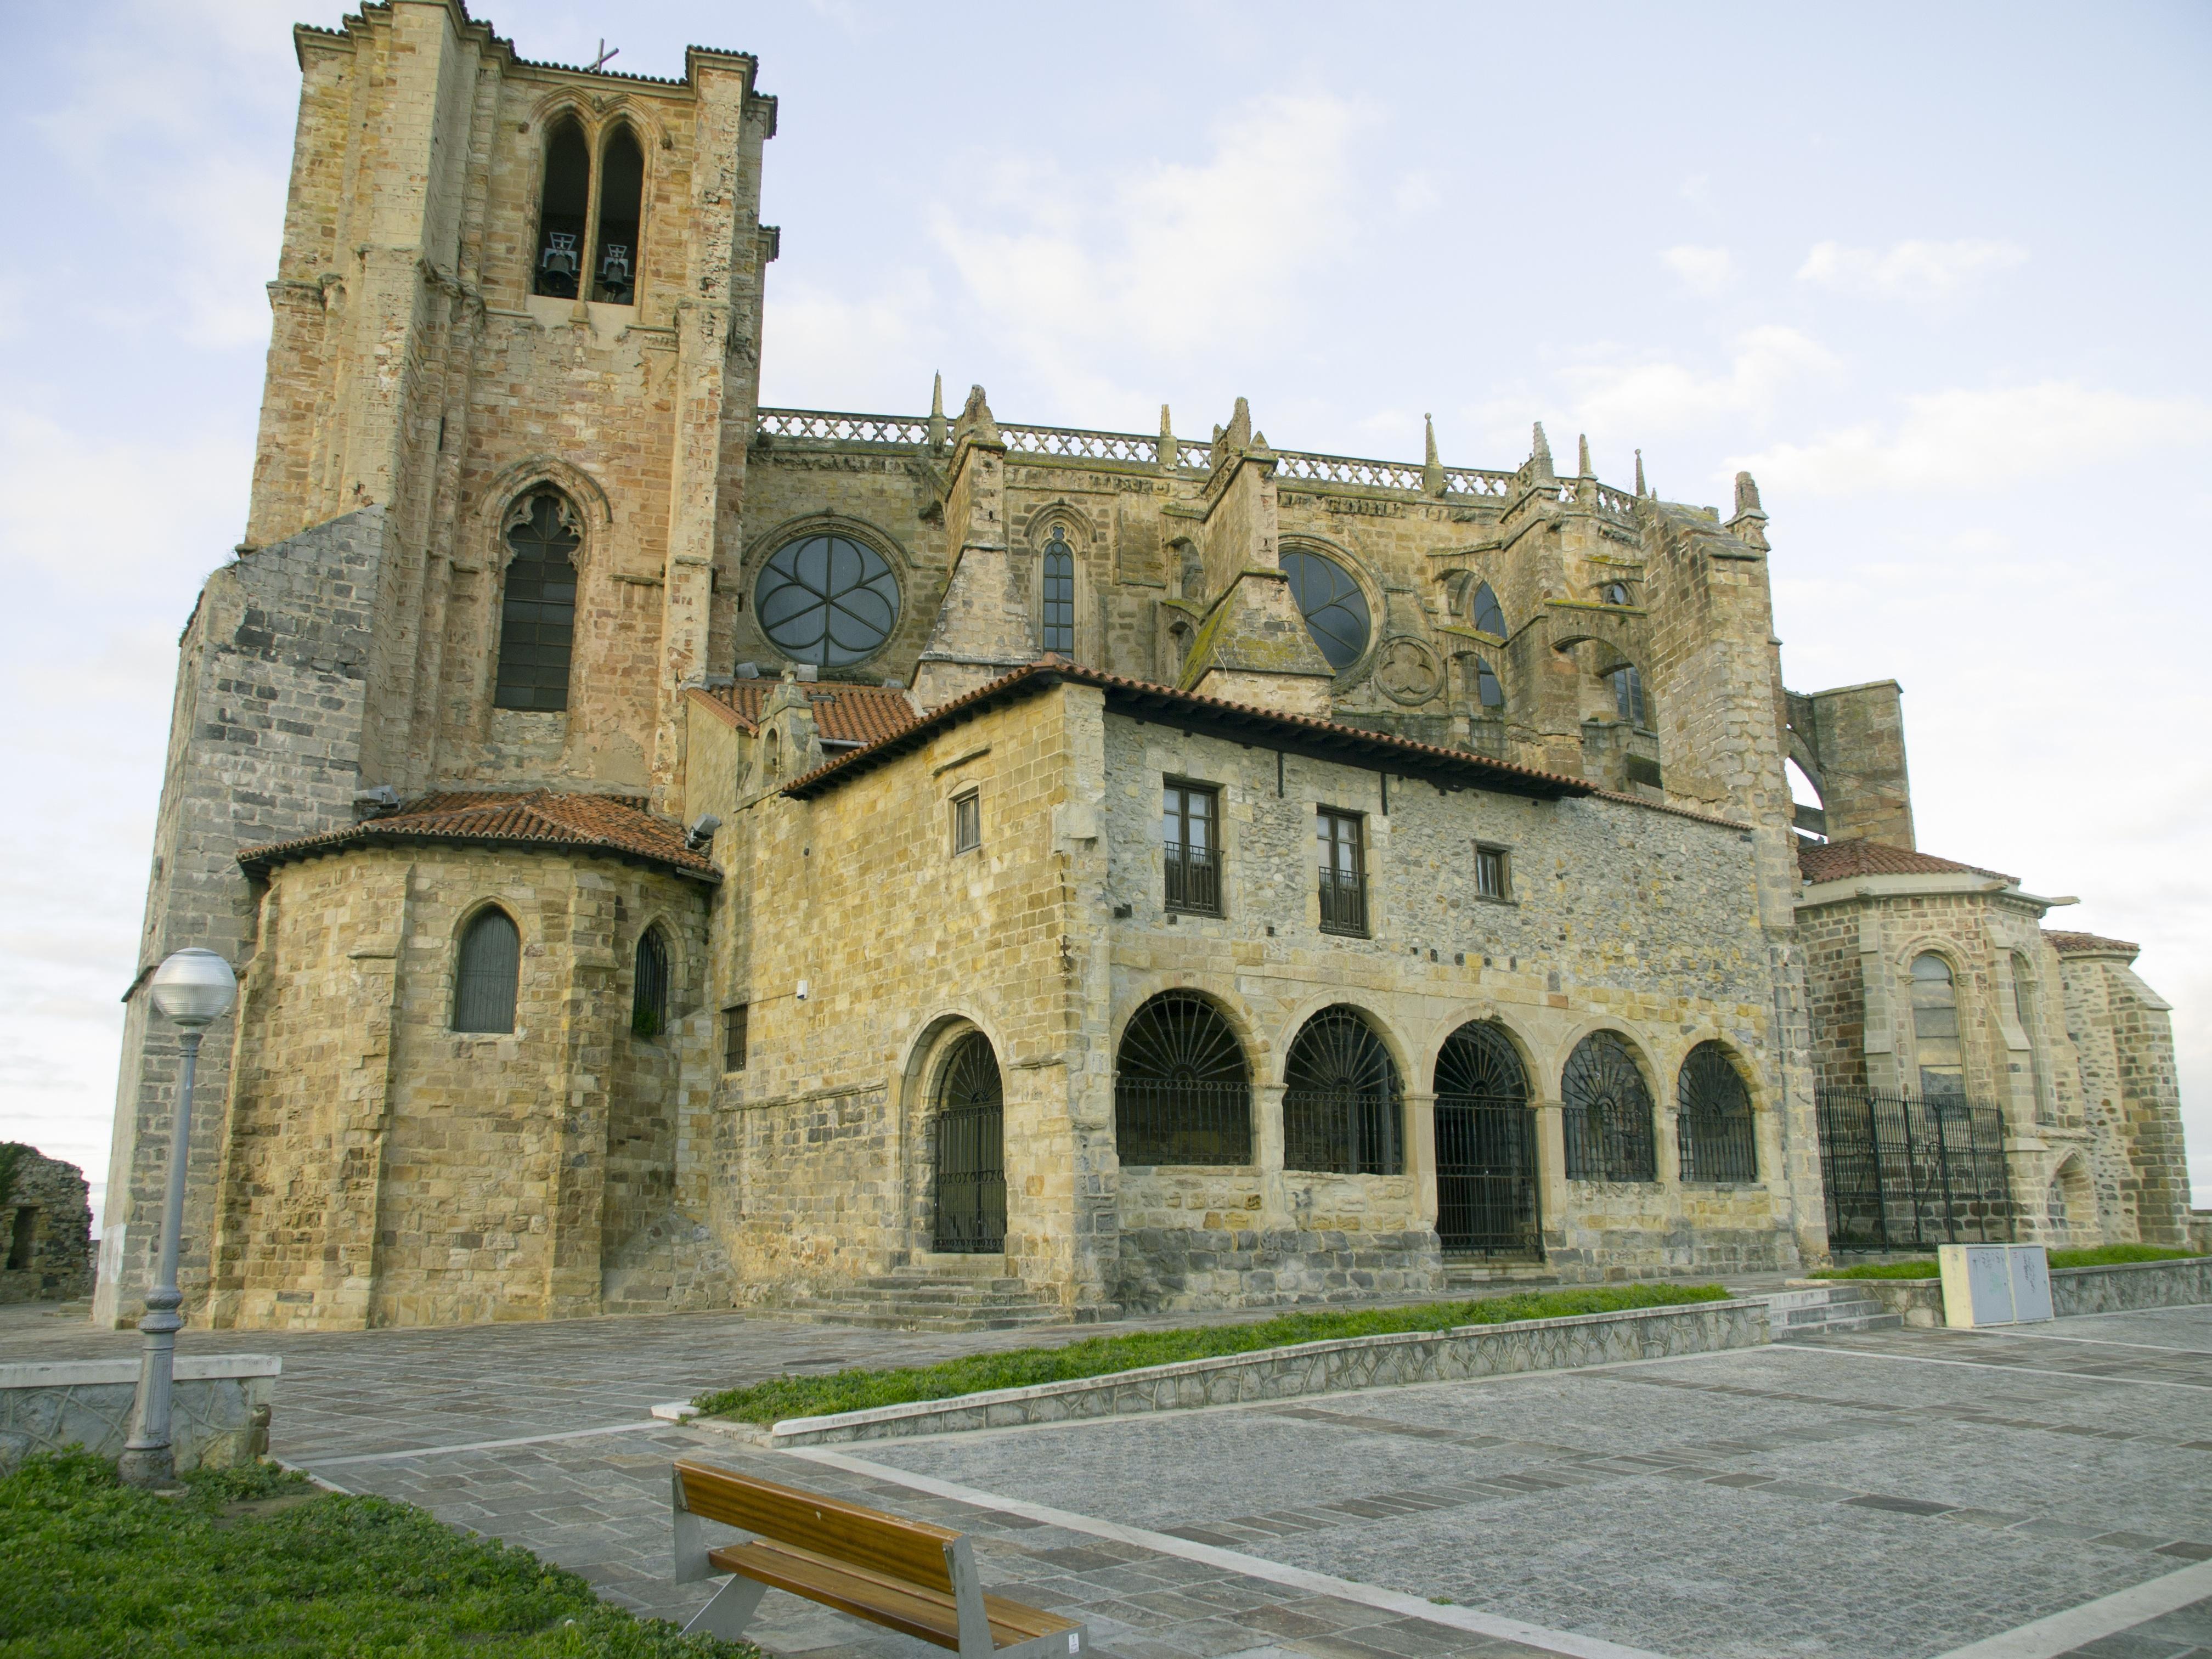 Immagini belle costruzione chateau monumento castello for Disegni di casa chateau francese